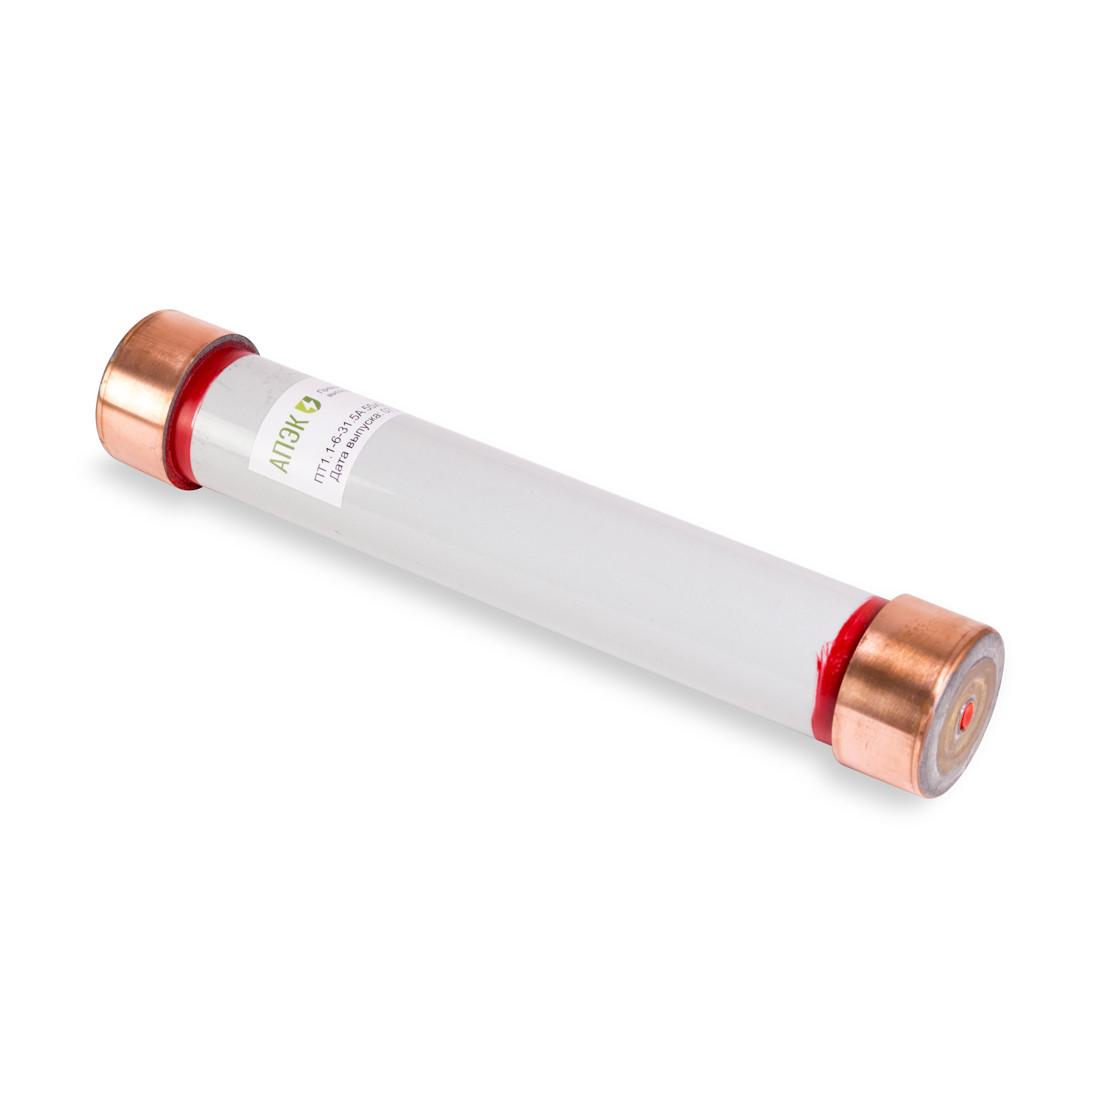 Предохранитель высоковольтный АПЭК ПT1.1-6-31.5A 55х312 мм 6 кВ одинарный